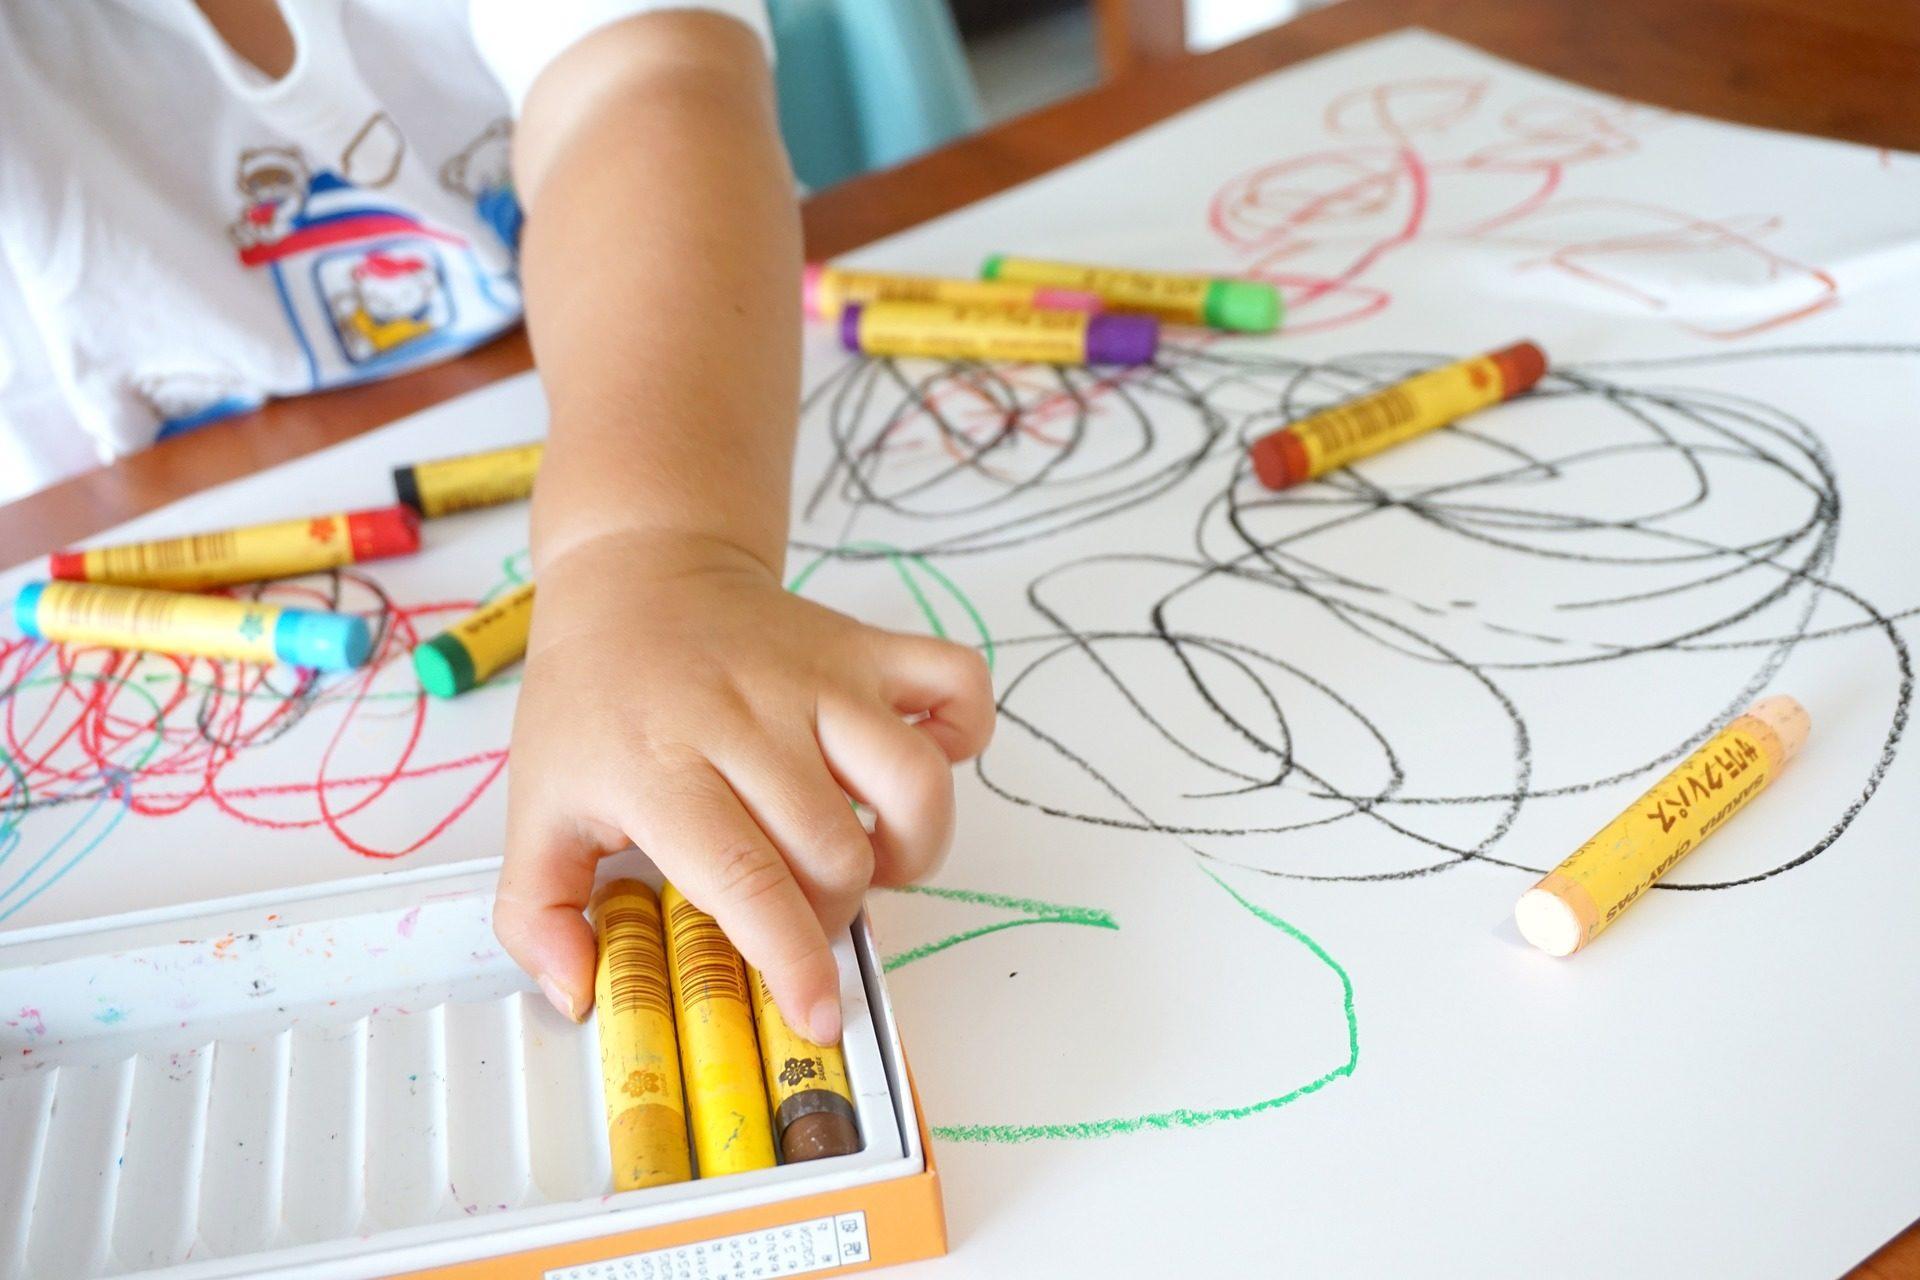 रंग, चित्रों, ड्राइंग, हाथ, बच्चे, वैक्स - HD वॉलपेपर - प्रोफेसर-falken.com